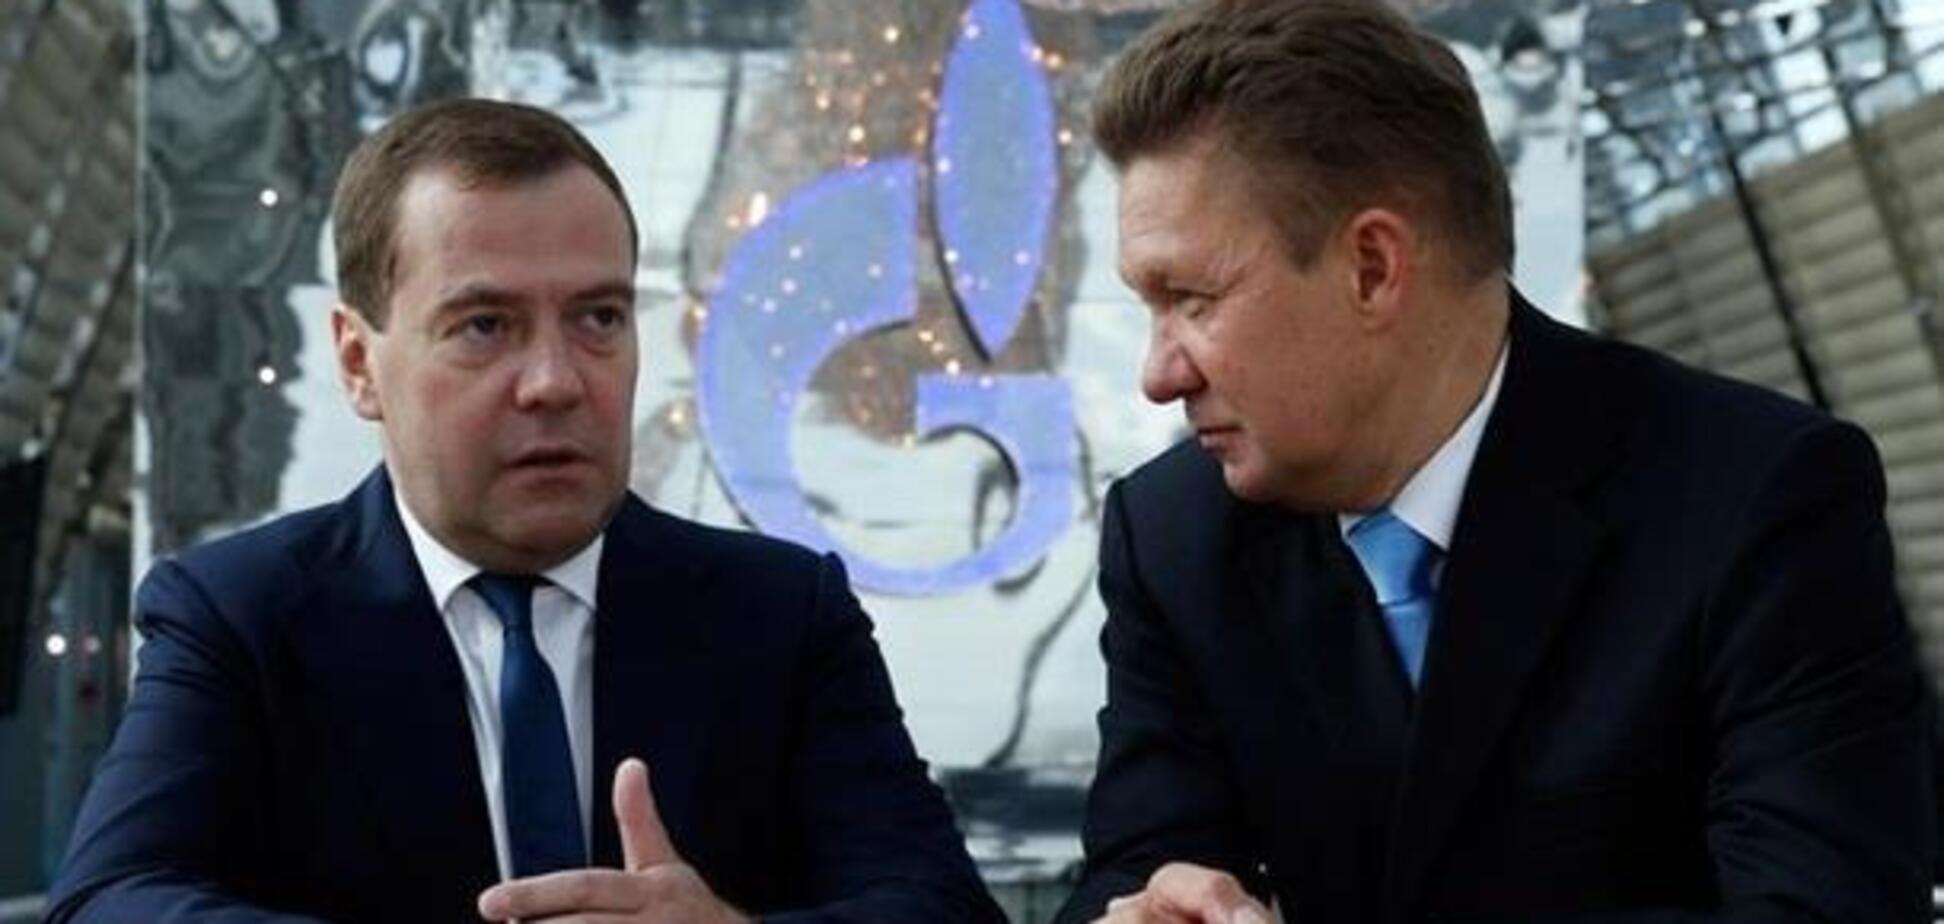 'Медведєв в Газпром': стало відомо про важливі кадрові перестановки в Кремлі